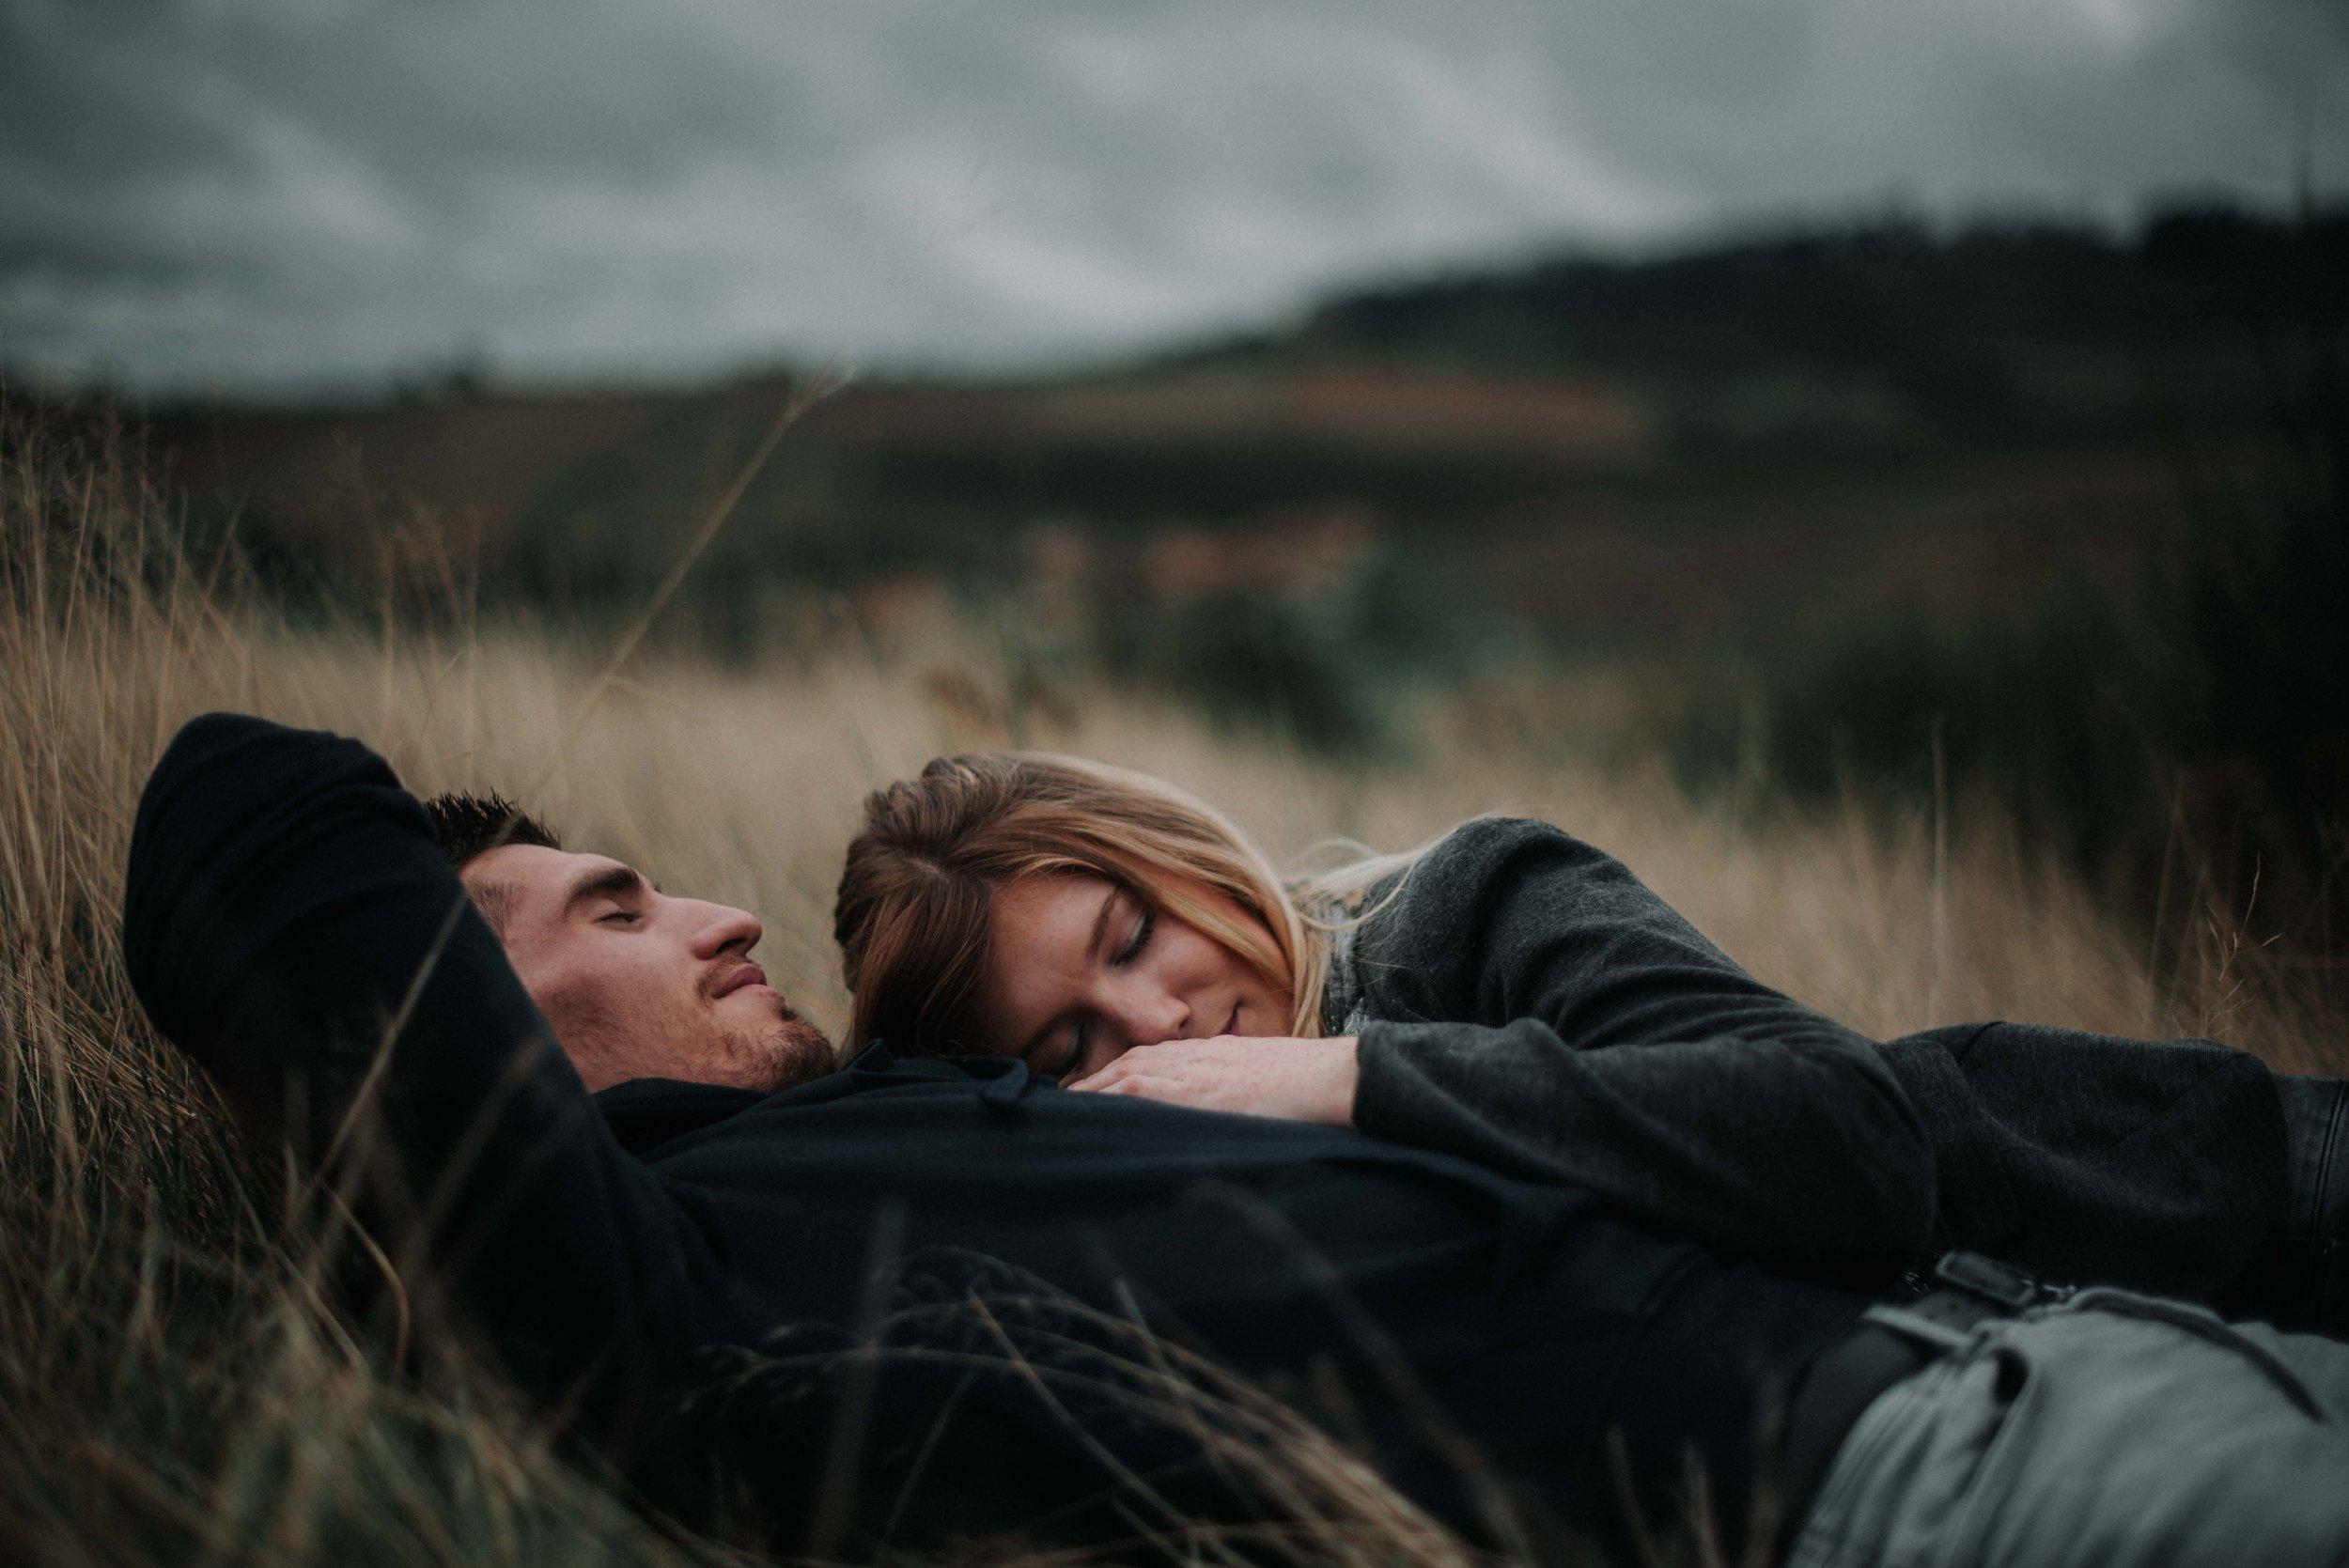 Léa-Fery-photographe-professionnel-lyon-rhone-alpes-portrait-mariage-couple-amour-lovesession-engagement-elopment-4086.jpg